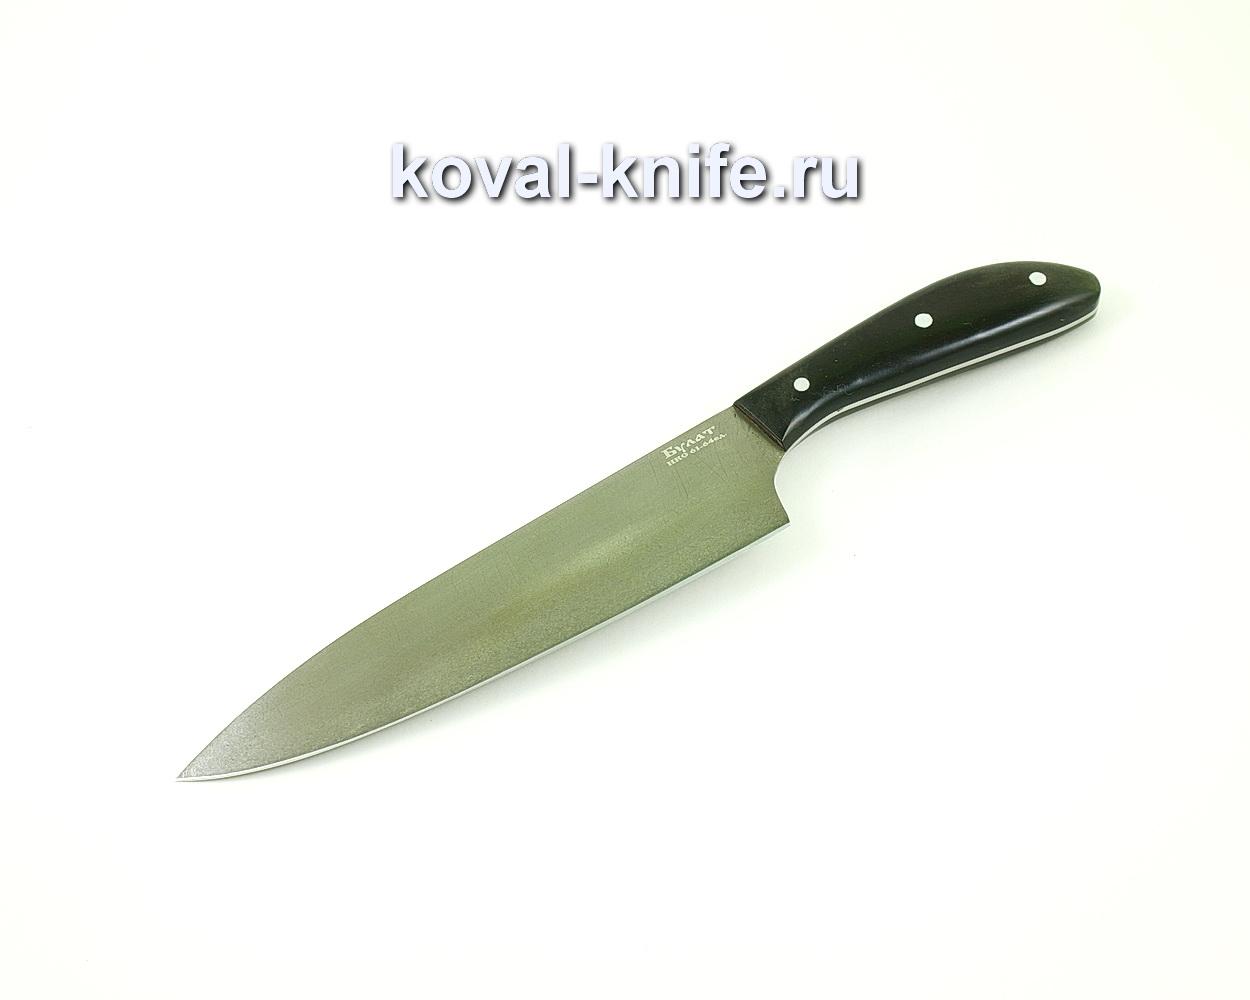 Нож из булатной стали Кухонный большой (Легированный булат, рукоять граб)